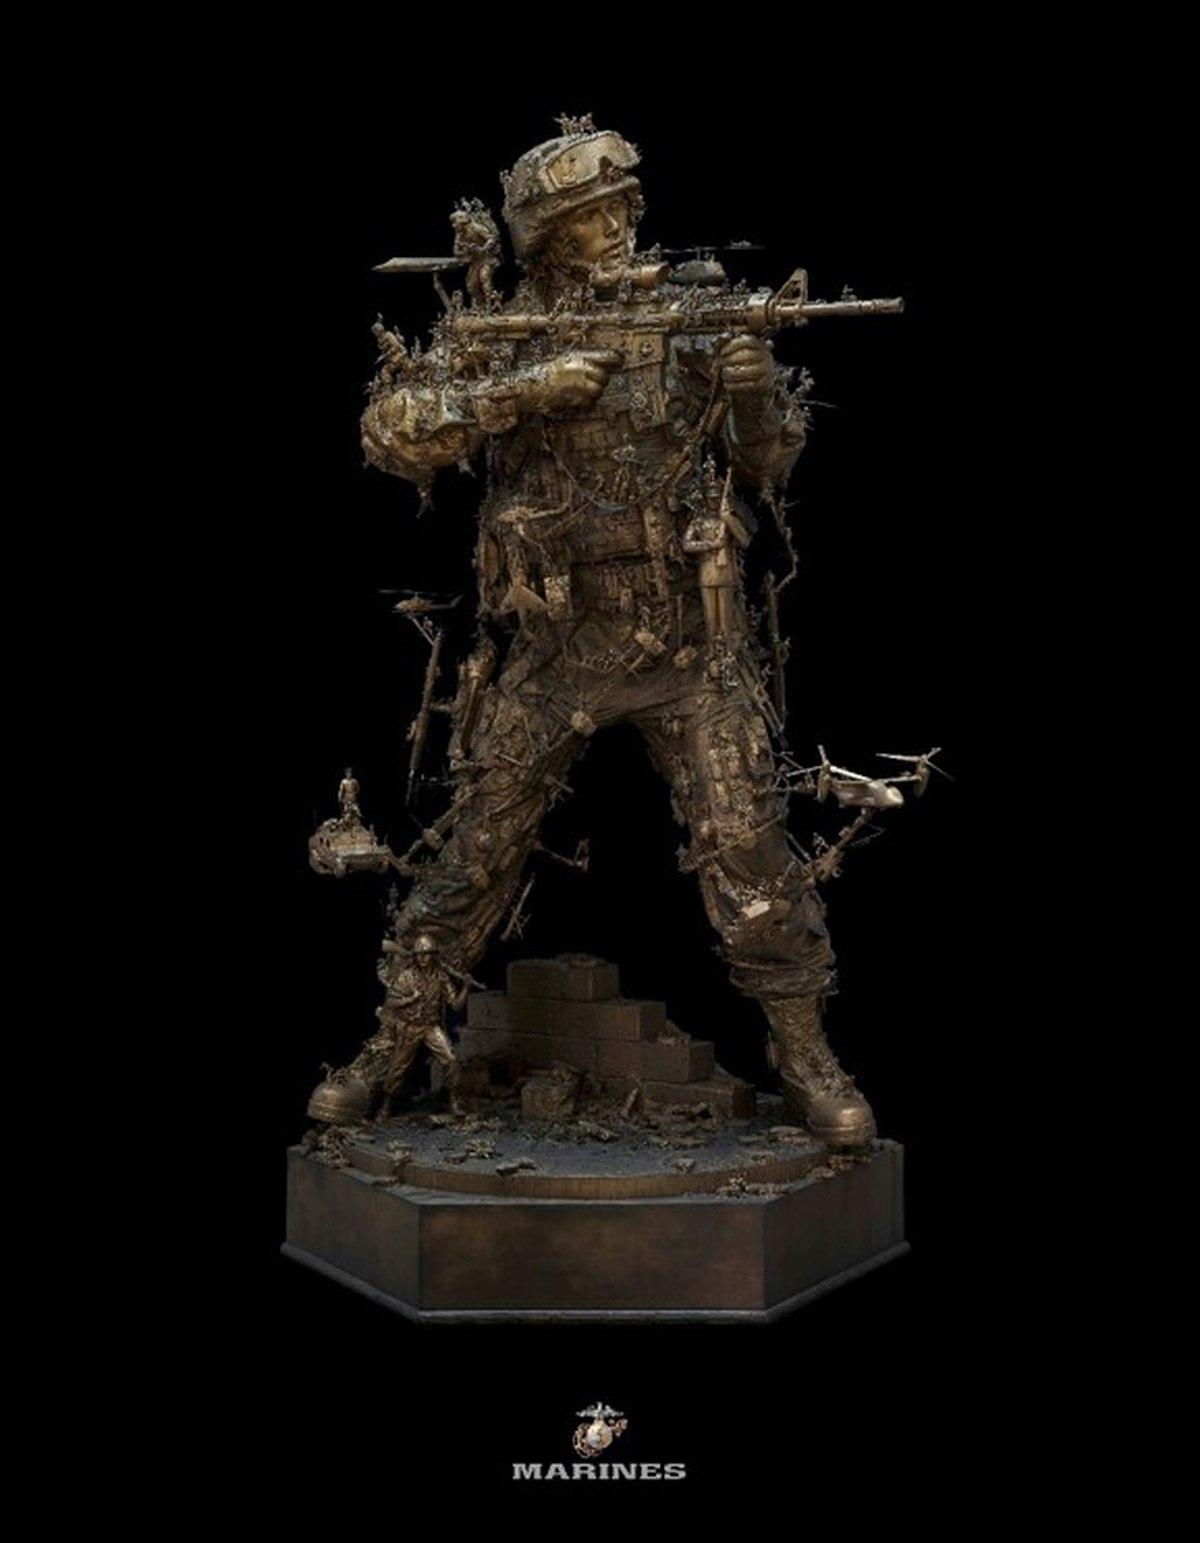 kuksi-marines3